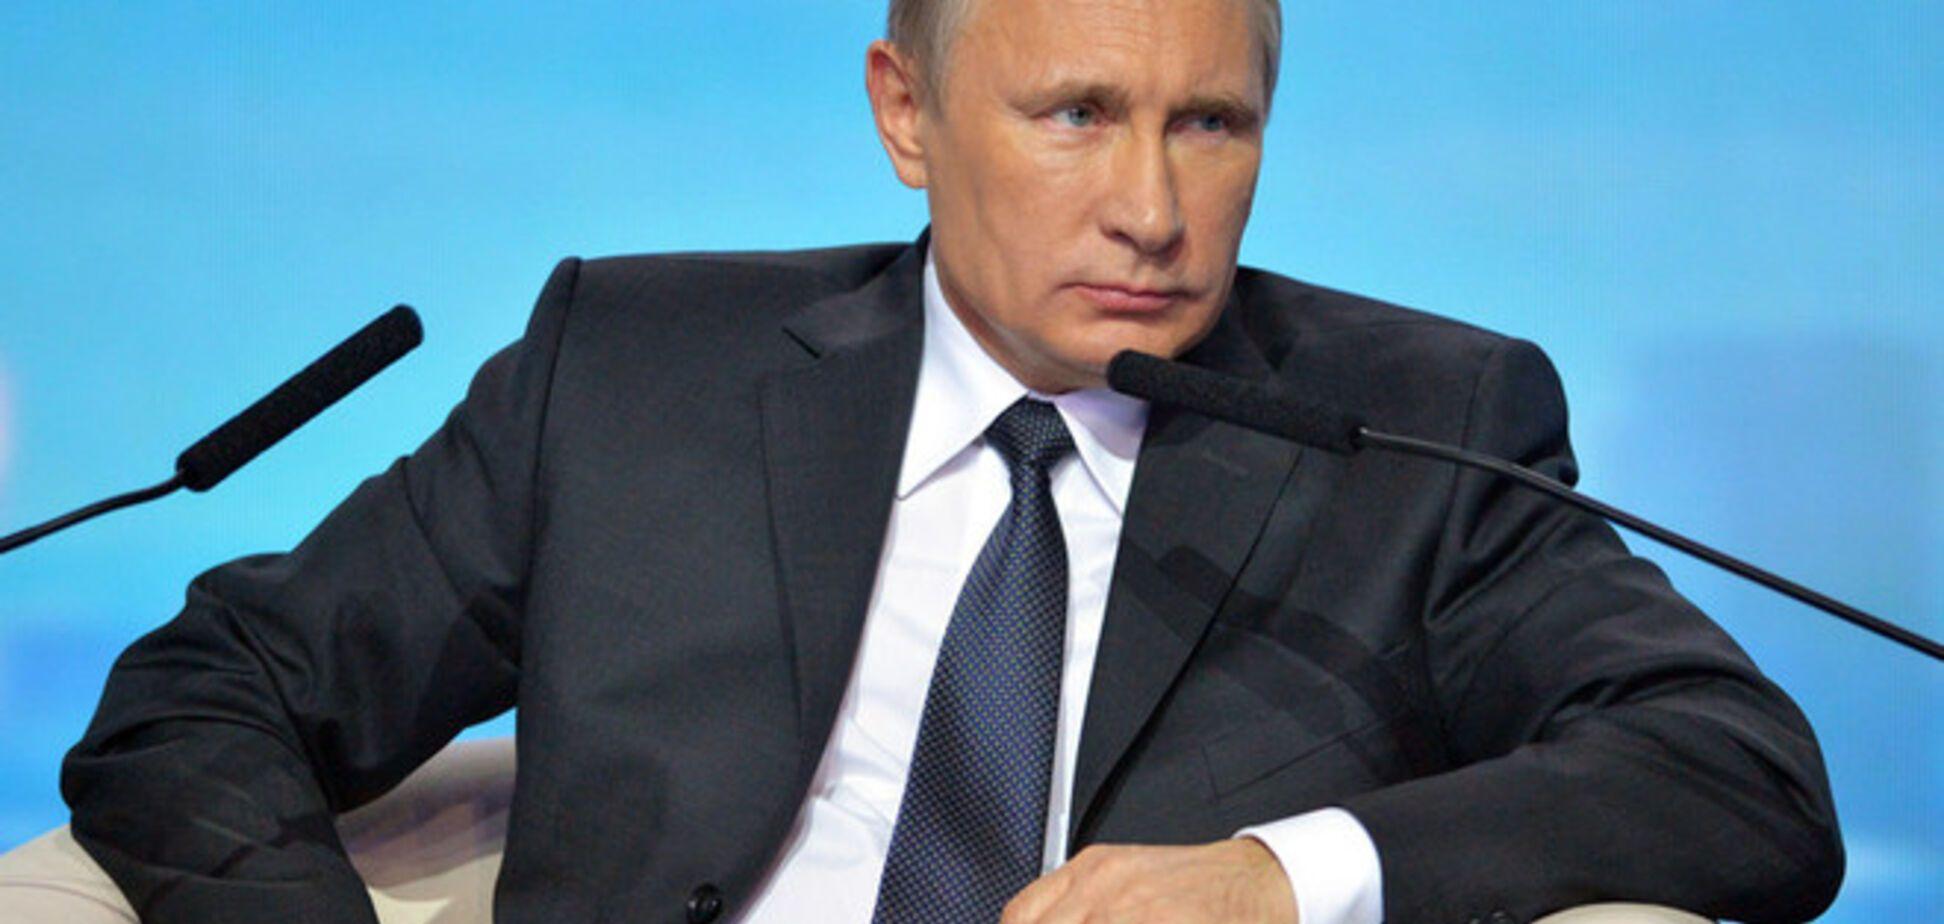 Глава Минобороны Великобритании: Путин стал реальной угрозой для стран Балтии